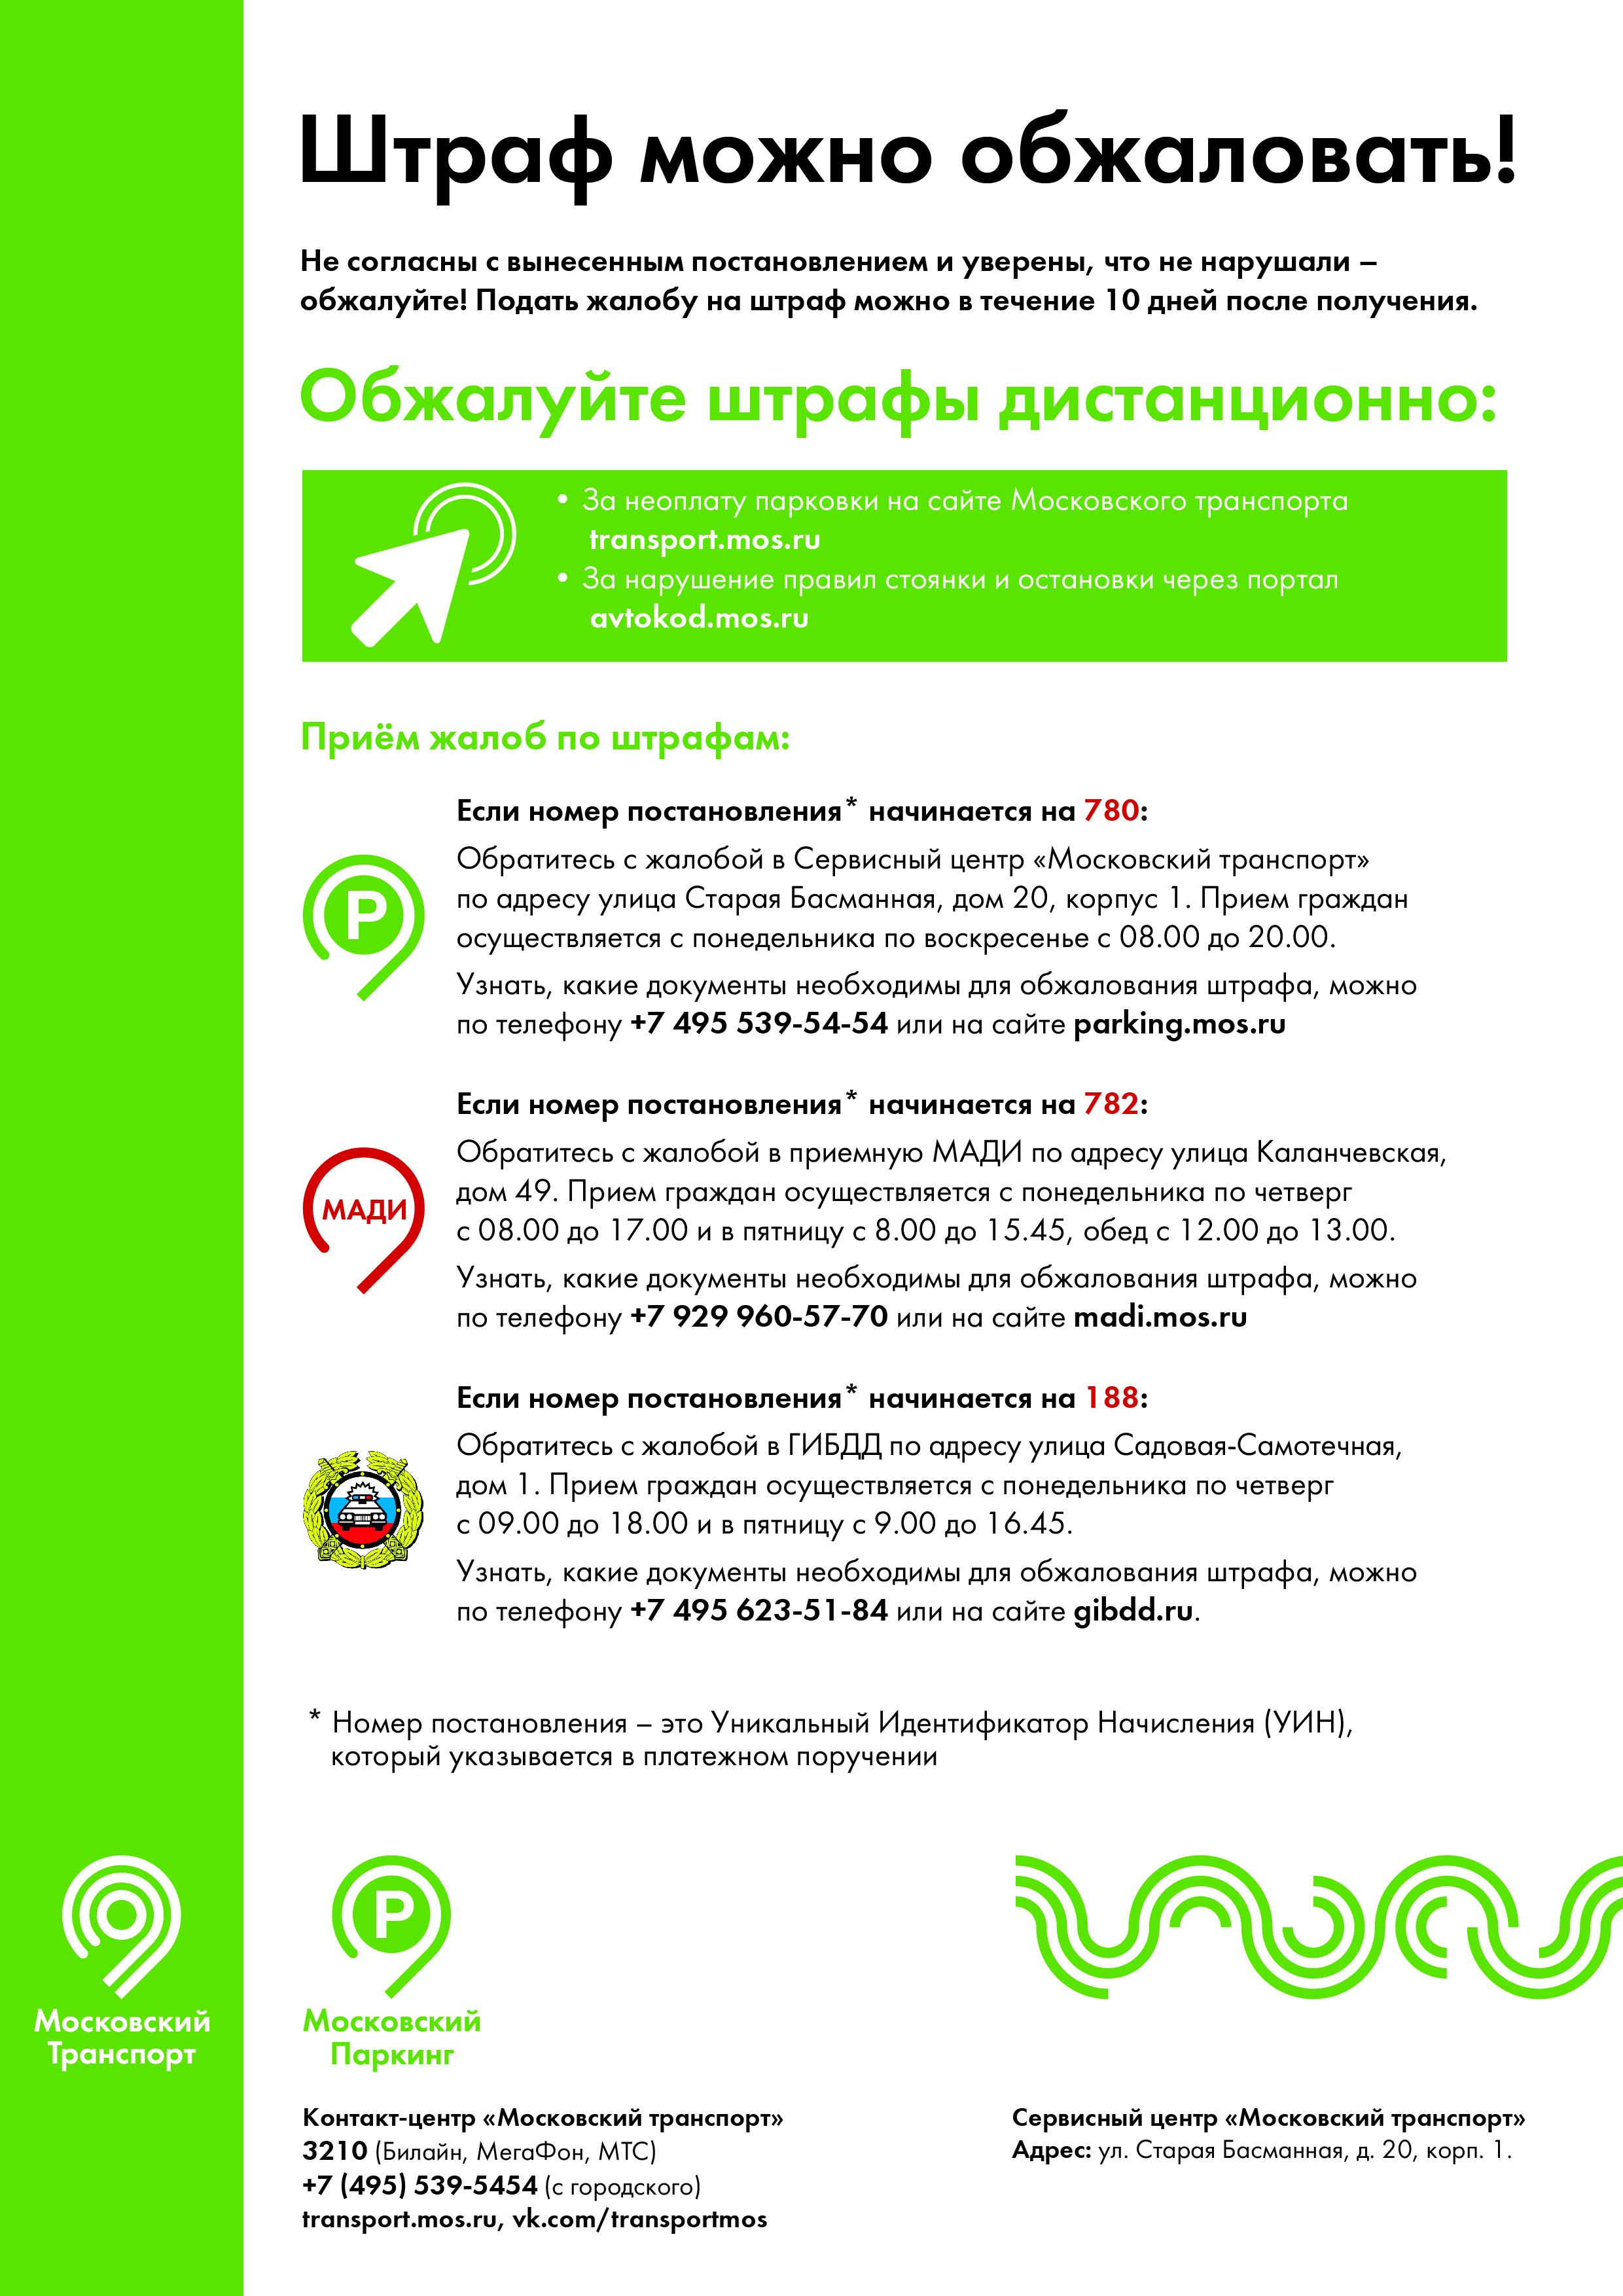 listovka-po-shtrafam_2hA4-19-02